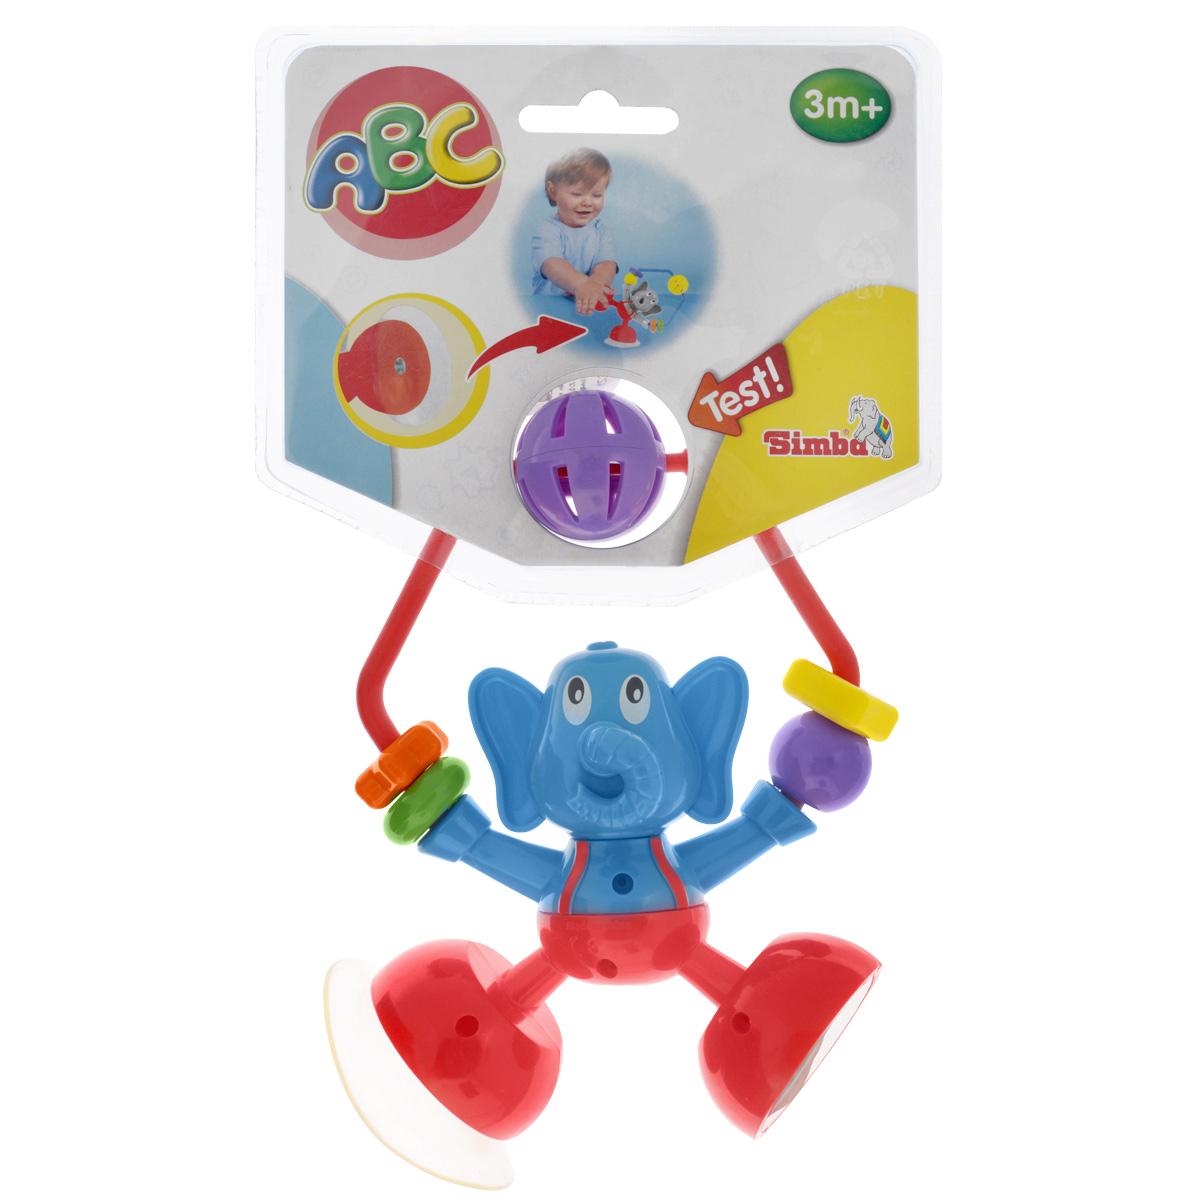 Развивающая игрушка Simba Крутящийся слоник, цвет: красный, синий4014238_красный, синийРазвивающая игрушка Simba Крутящийся слоник станет полезной и увлекательной игрой для малыша. Такая игрушка предоставит вашему малышу множество возможностей для развития цветового восприятия, воображения, слуха, мелкой моторики рук, координации движений и тактильных ощущений в процессе игры. Забавная игрушка выполнена из прочного безопасного пластика в виде слоника. Голова, туловище и хобот слоника вращаются с негромким треском, который привлечет внимание малыша. На гибкой дуге, которую слоник держит в лапках, расположен шар, внутри которого перекатываются и звенят мелкие бусины. Также, на дугу нанизаны 4 бусины разной формы и цвета. Игрушка оснащена присоской, которая позволяет закрепить ее на любой гладкой поверхности, а также безопасным зеркальцем, которое непременно понравится ребенку. Эта милая игрушка надолго увлечет вашего малыша, и поможет ему весело и с пользой провести время.